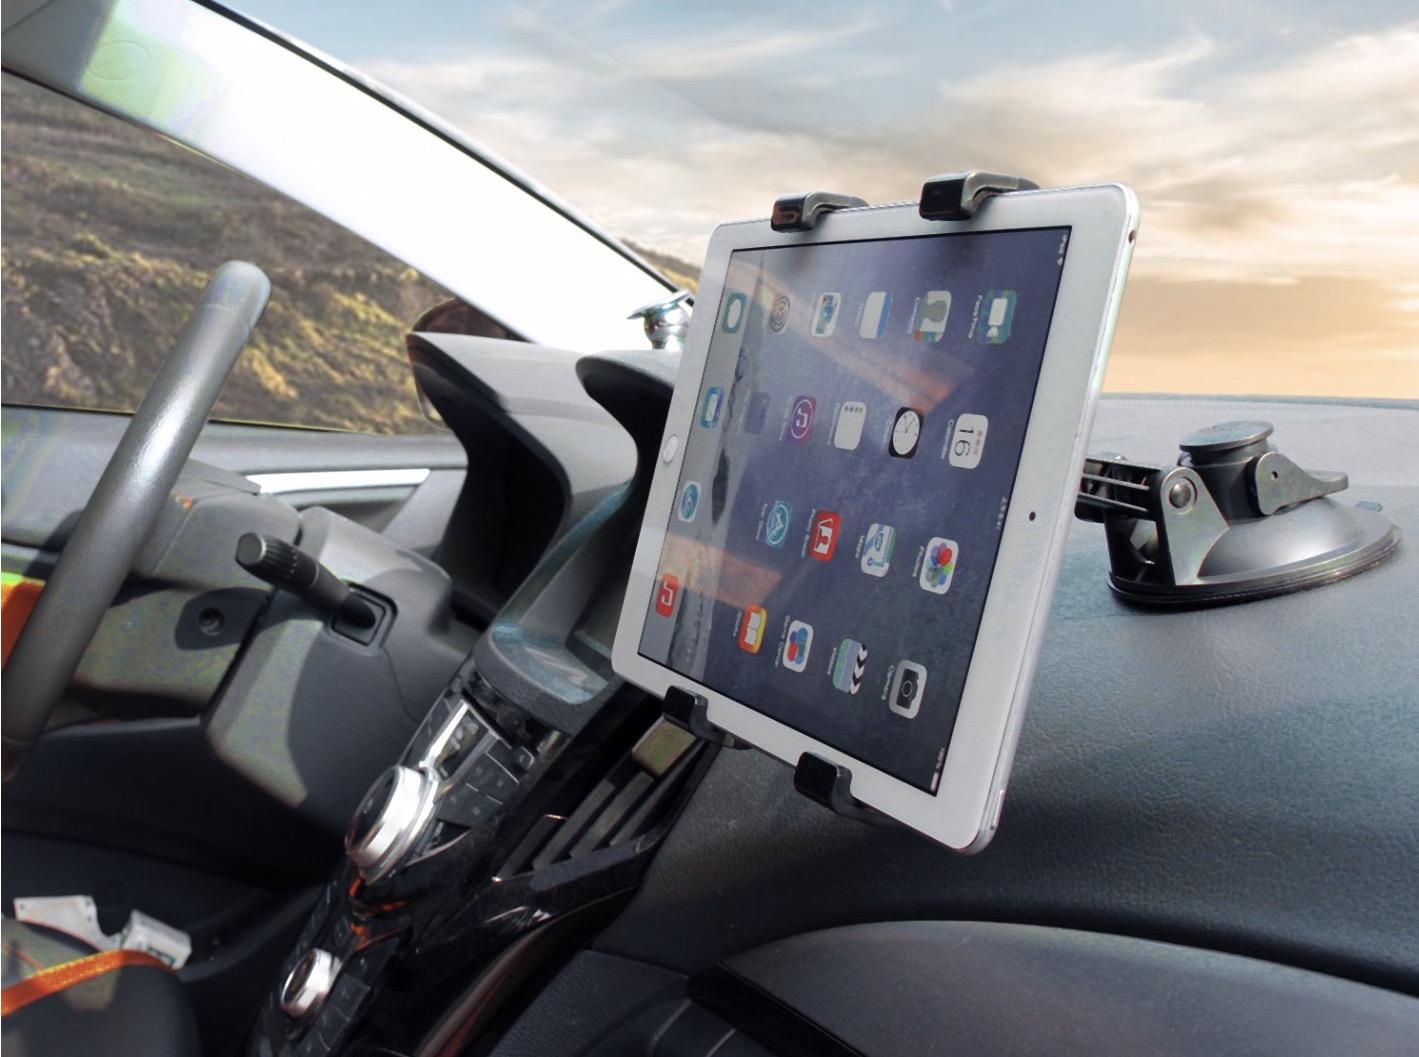 Supporto da cruscotto per iPad e Tablet per navigazione GPS, musica e servizi auto